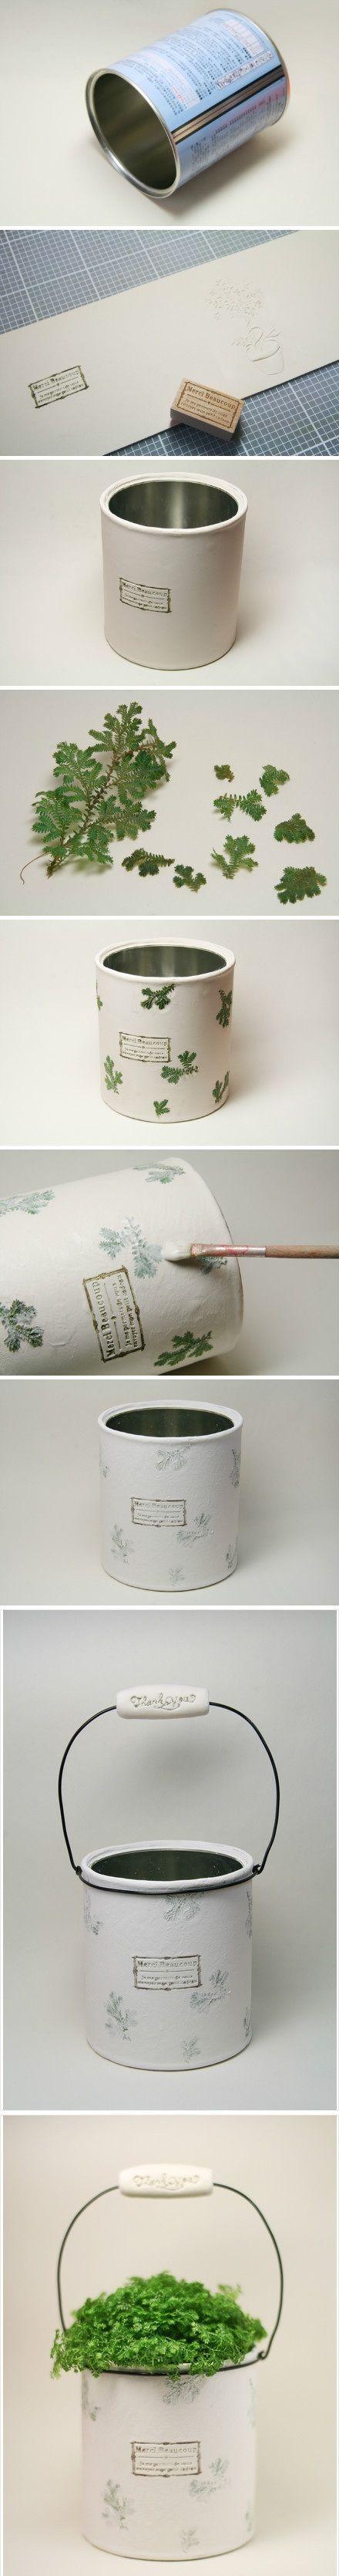 DIY - flowerpot